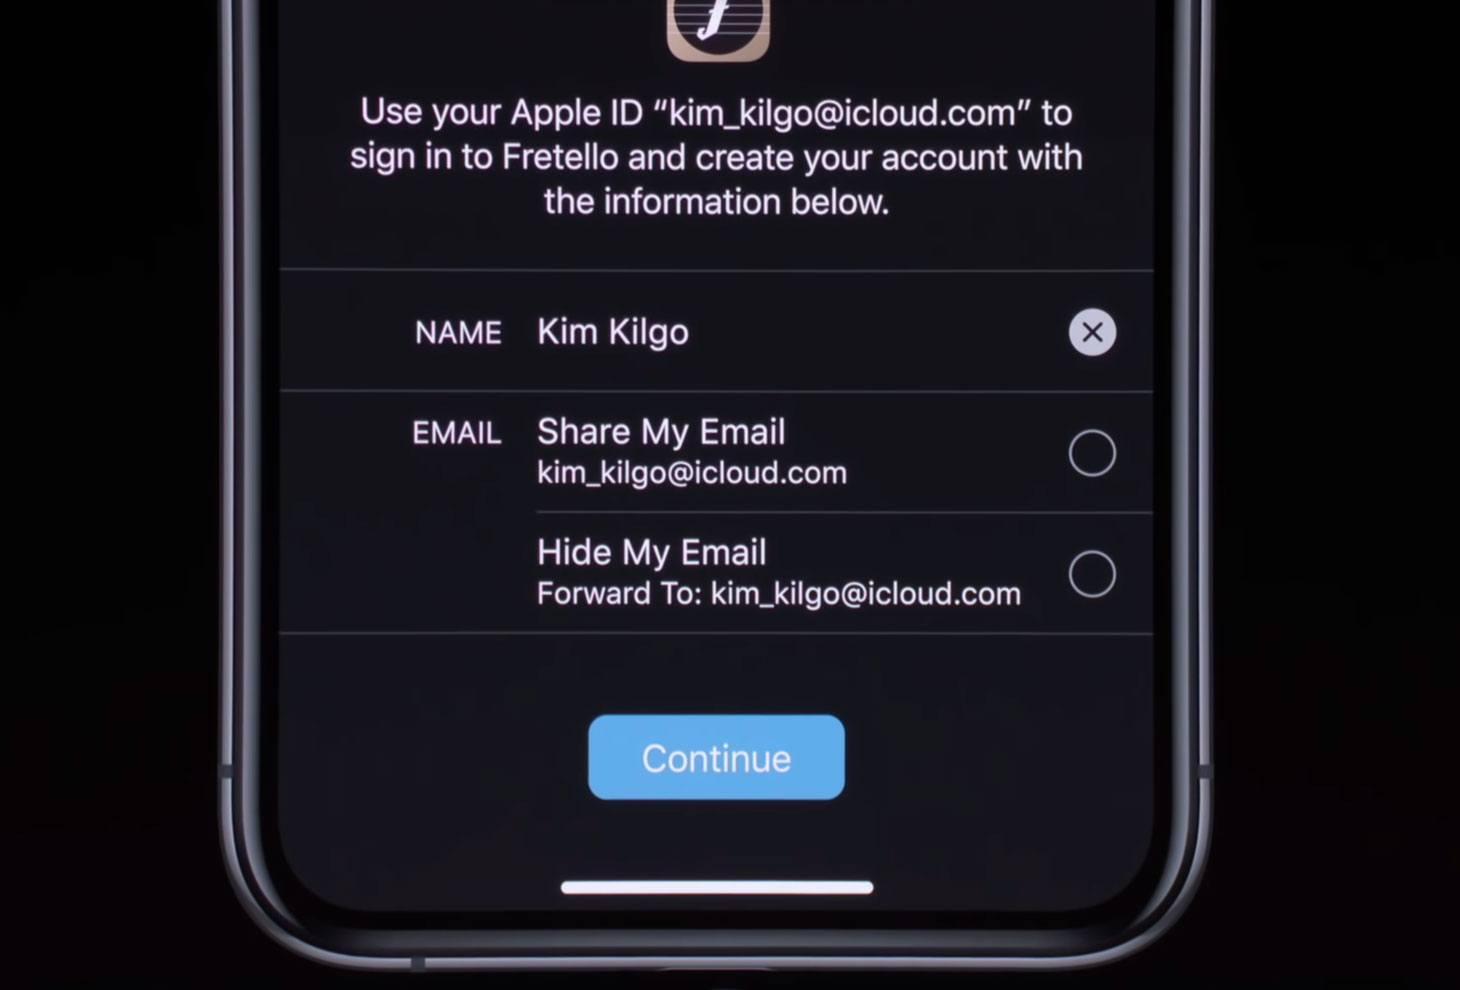 Sign In with Apple: elige el correo que usarás para iniciar sesión, ya sea verdadero o uno generado aleatoriamente.